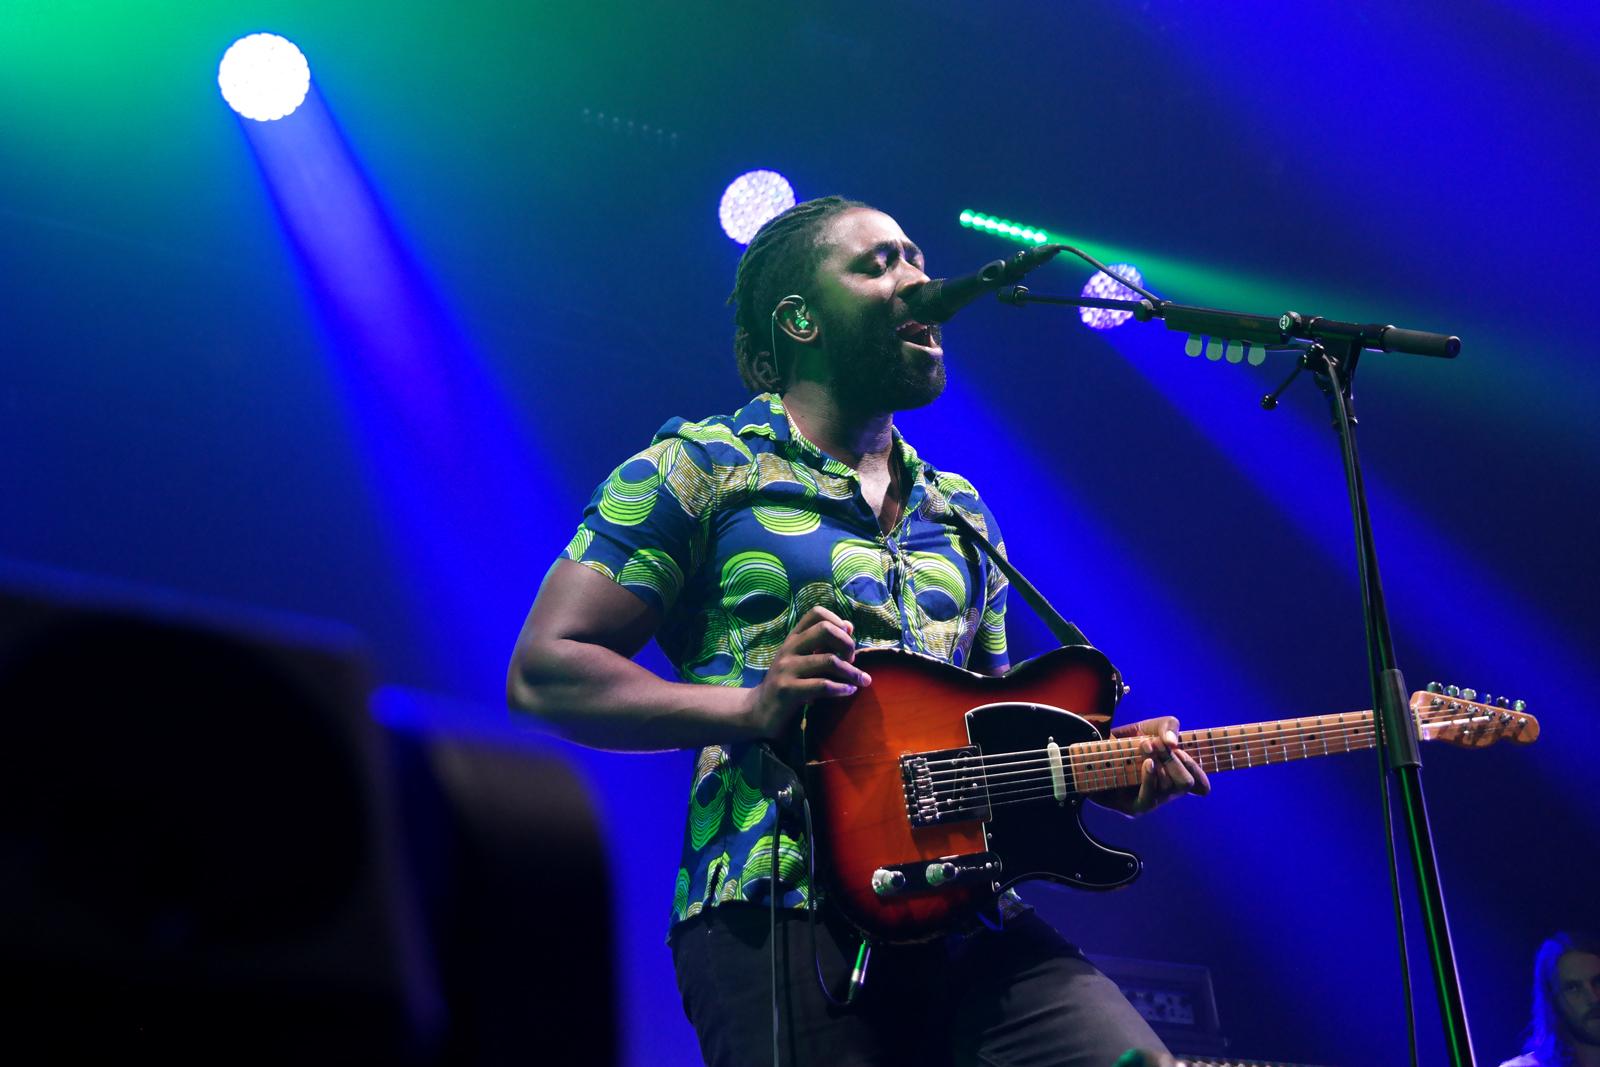 Bloc Party live concert Kele Okereke Printemps de Bourges 2016 Hymns tour album stage photo usofparis blog